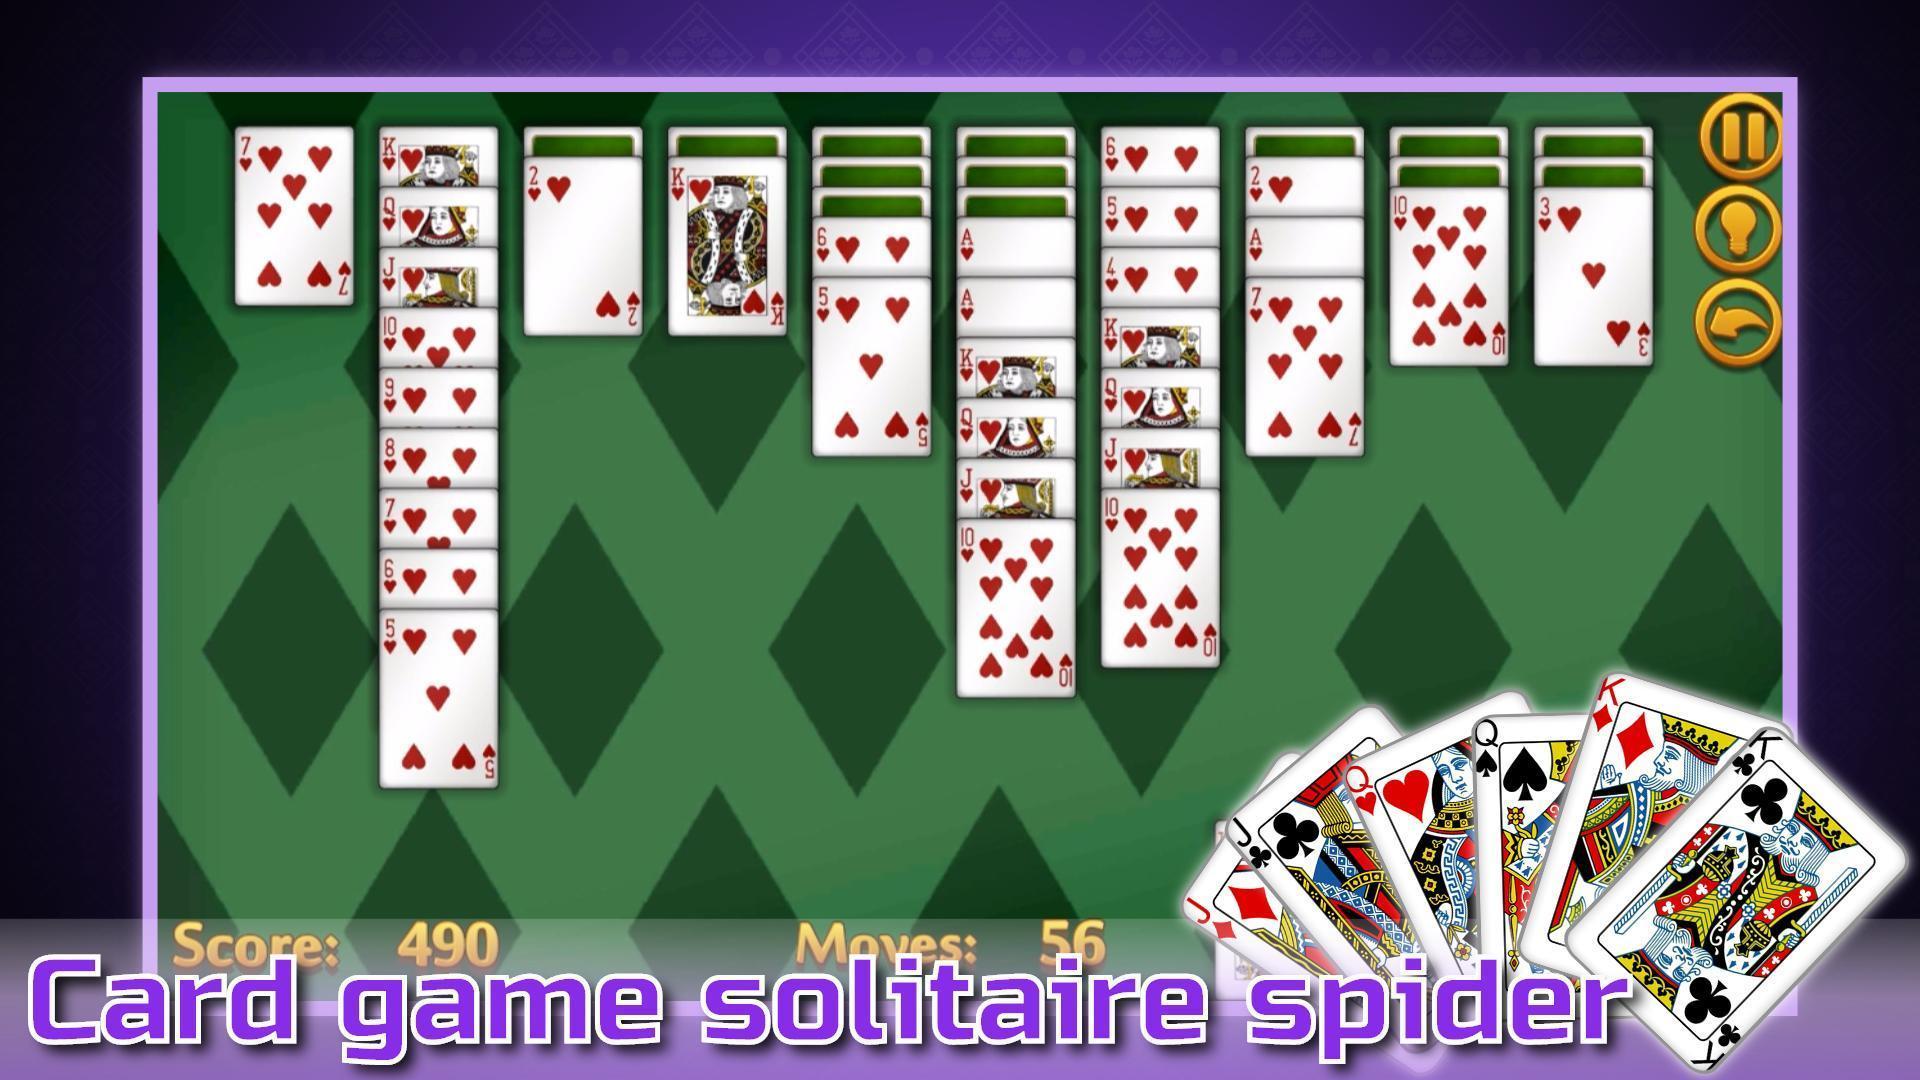 Spider карты играть играть в игры в карты паук косынка солитер играть бесплатно на компьютер